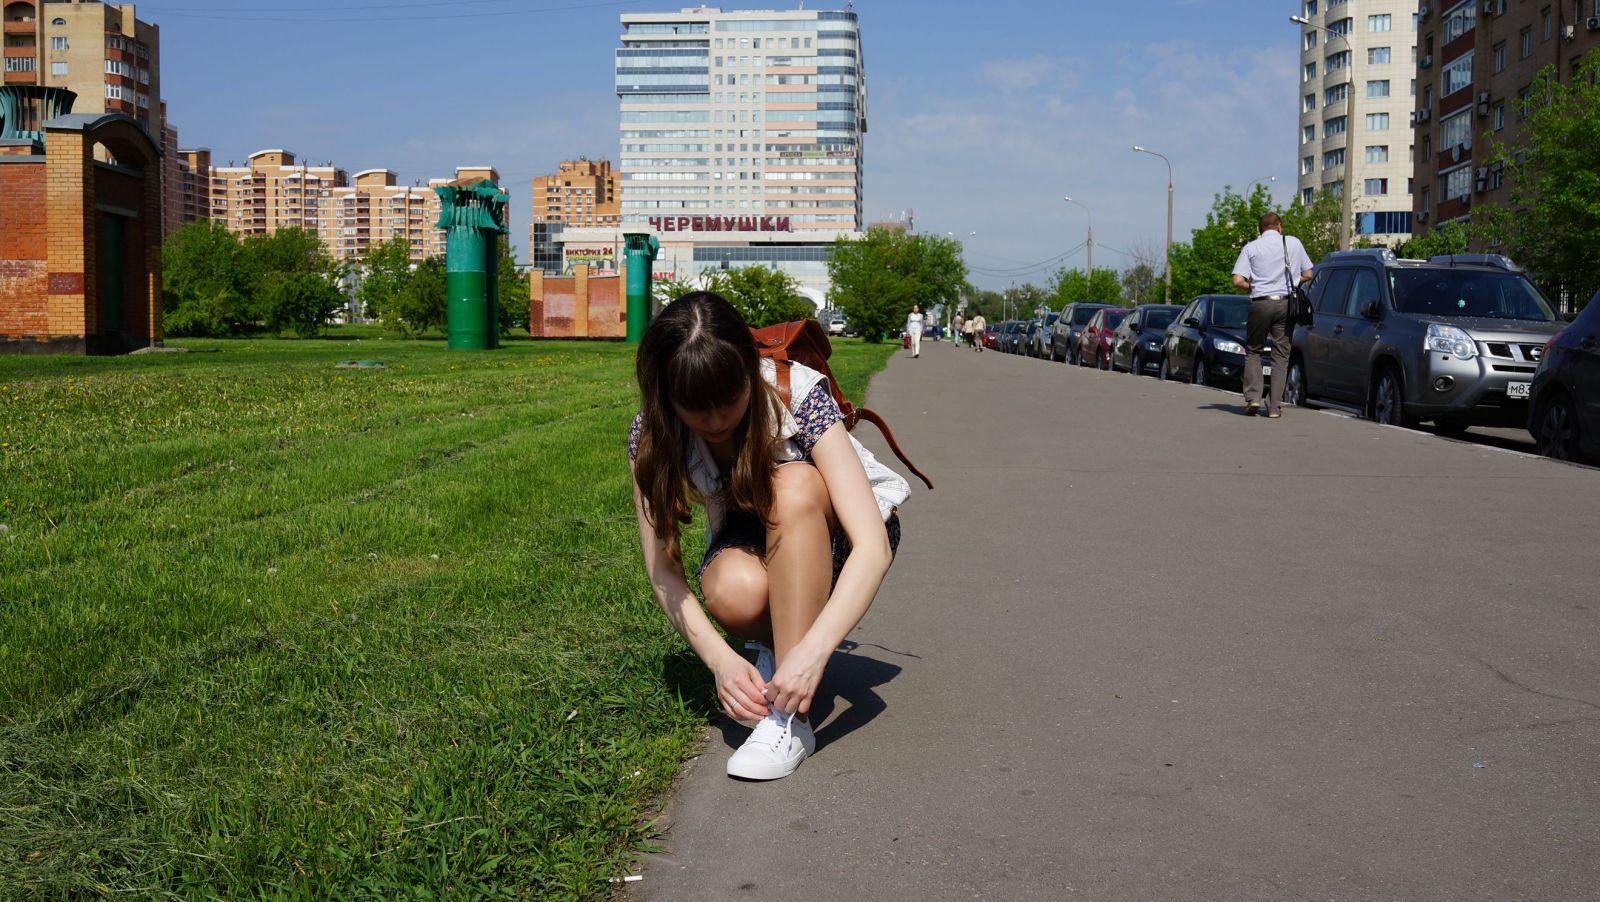 gallery_2_391_491857.jpg